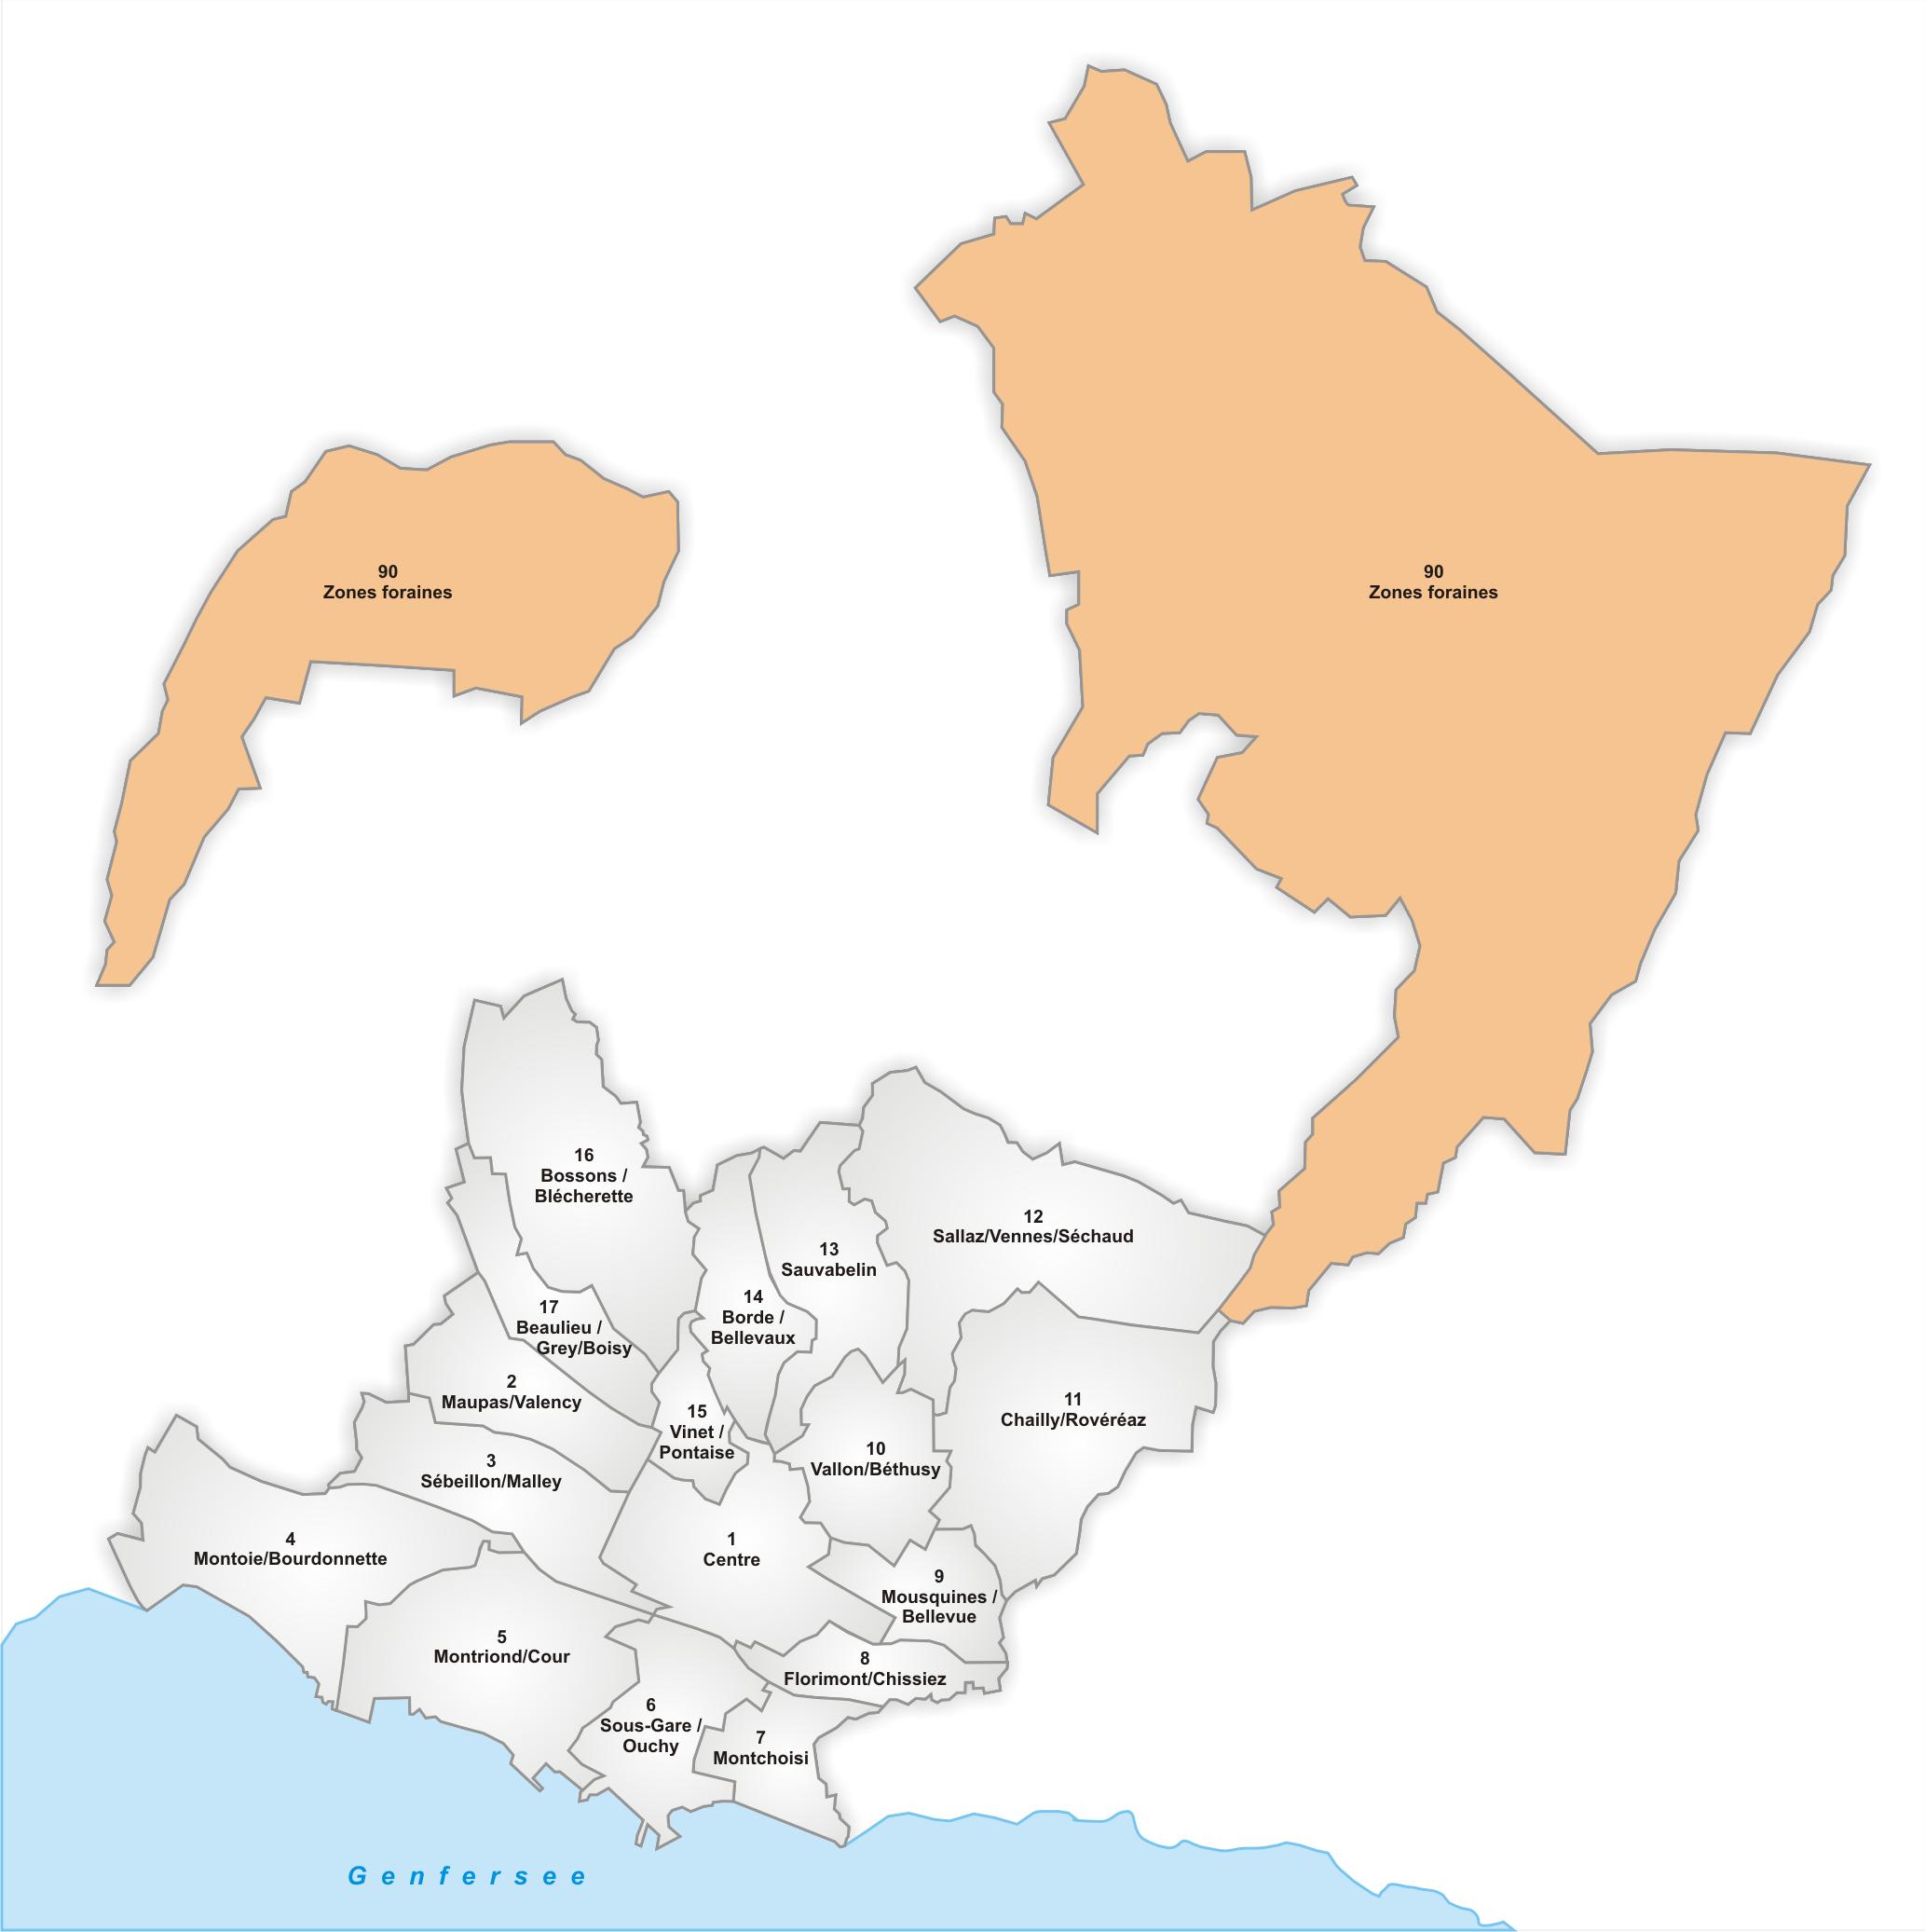 Lage des Stadtteils Zones foraines